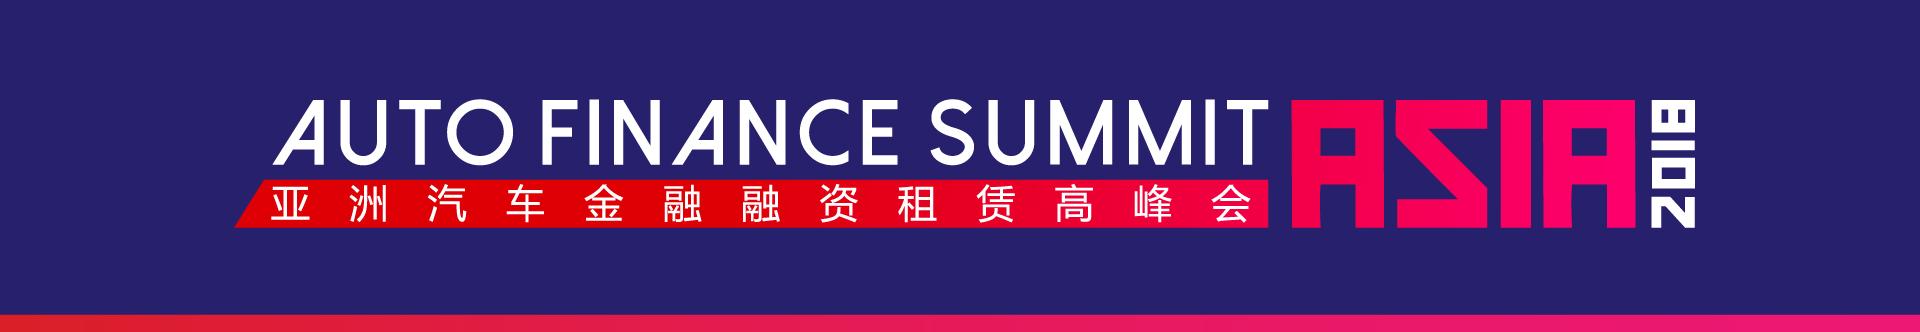 Auto Finance Summit Asia 2018